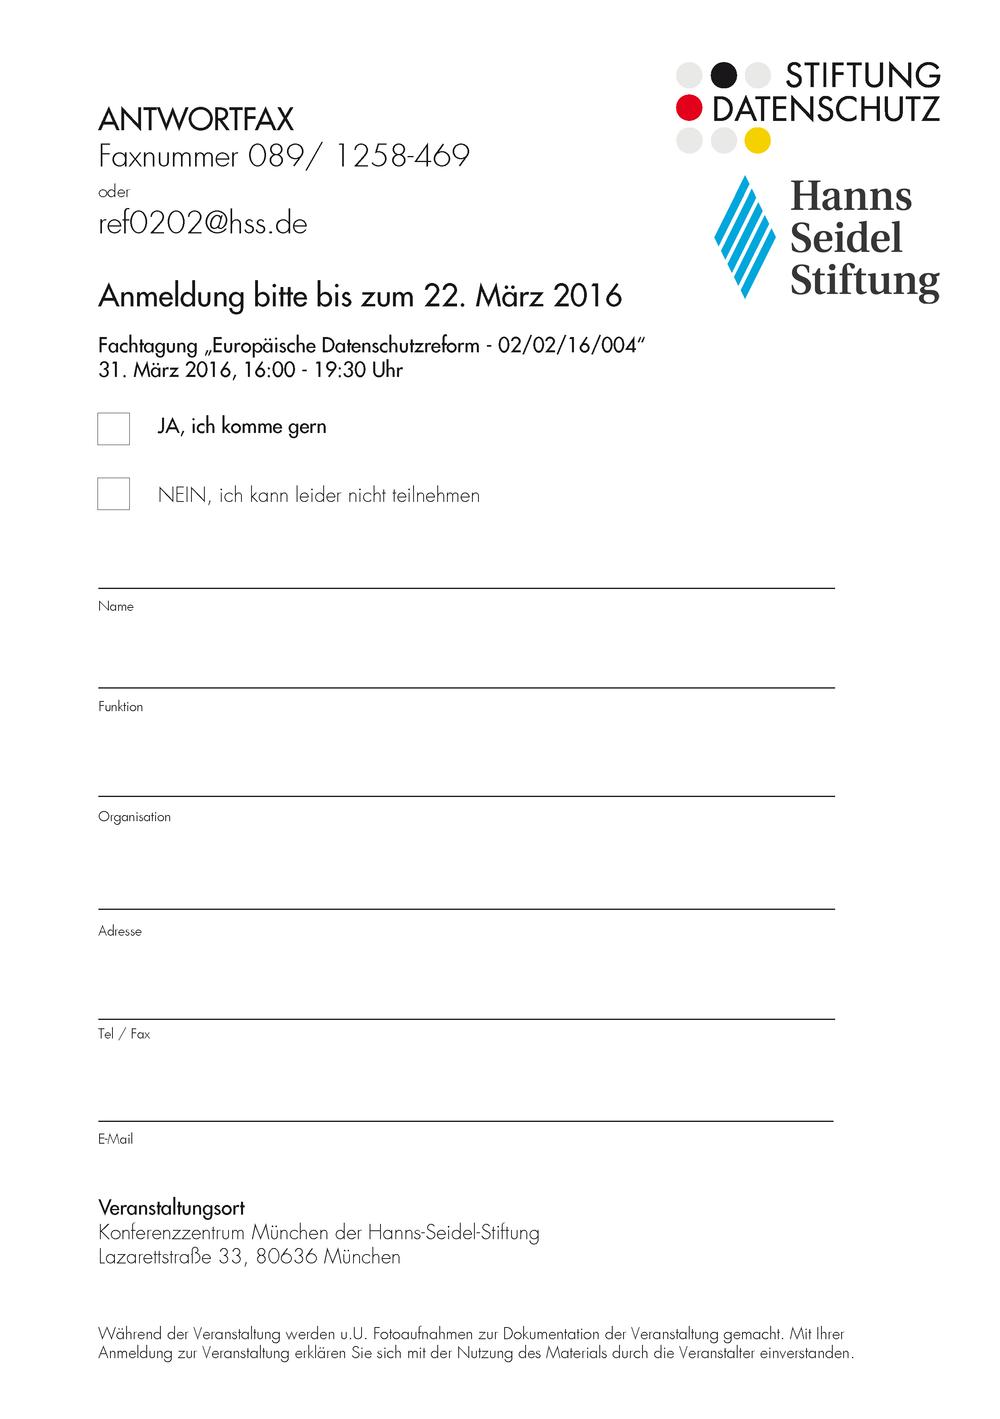 Einladung Datenschutz-Fachtagung SDS & HSS_Seite_3.png